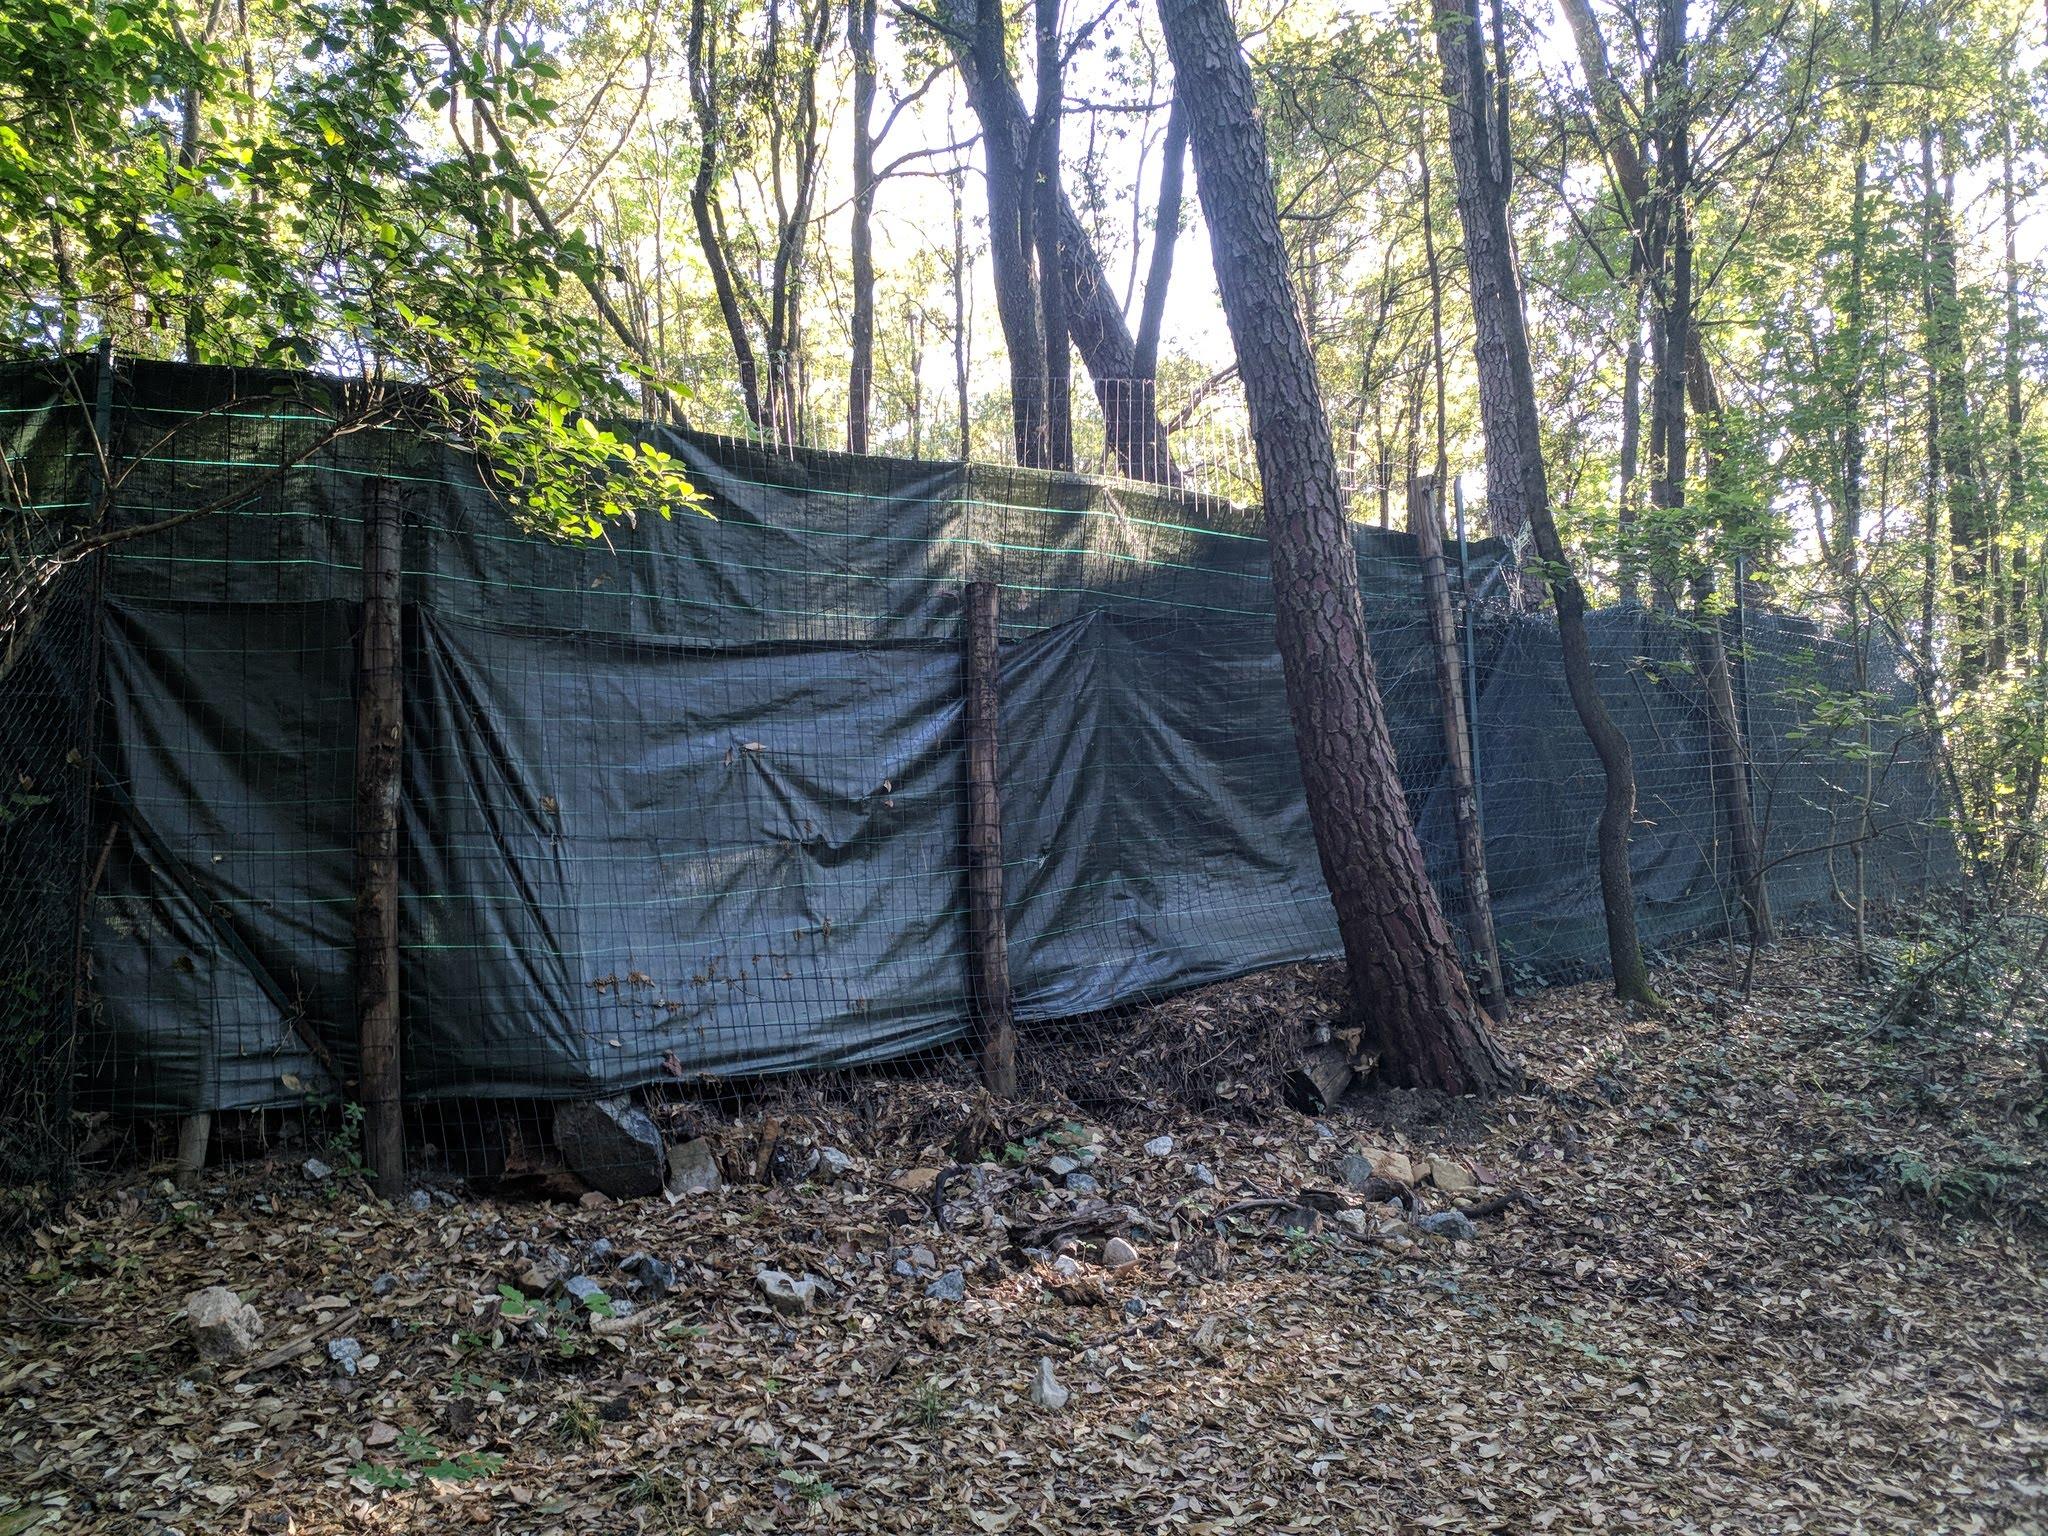 Una rete esclude un'ampia porzione del parco, interdetta al pubblico e mal manutenuta